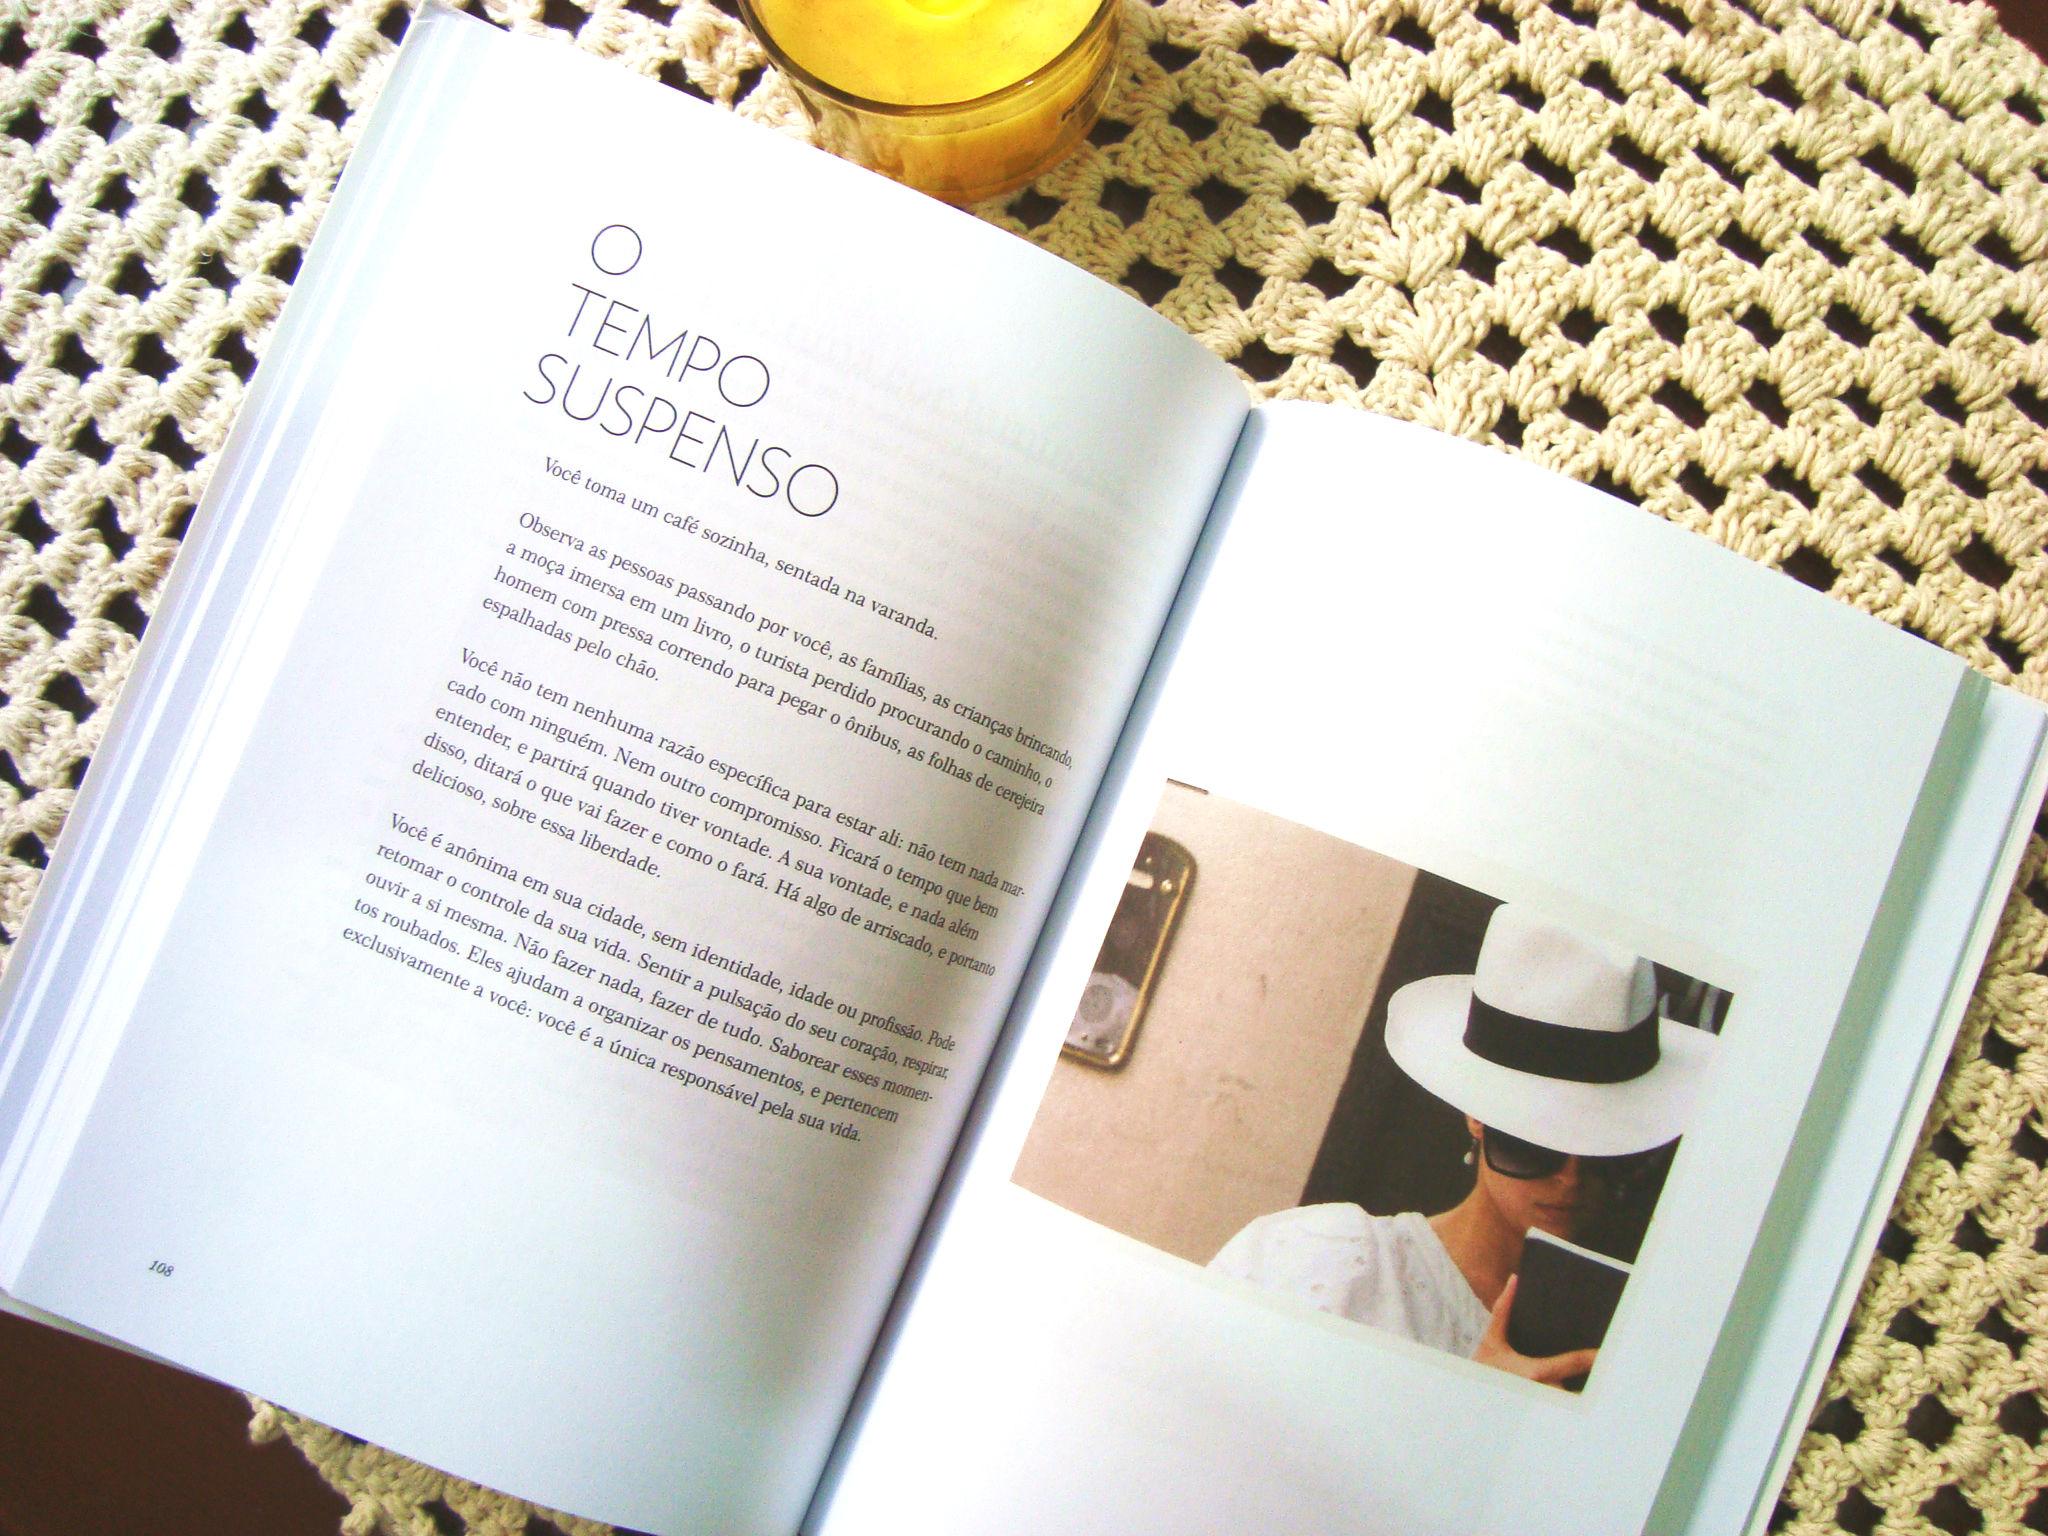 resumo - como ser uma parisiense em qualquer lugar do mundo - fotos do livro